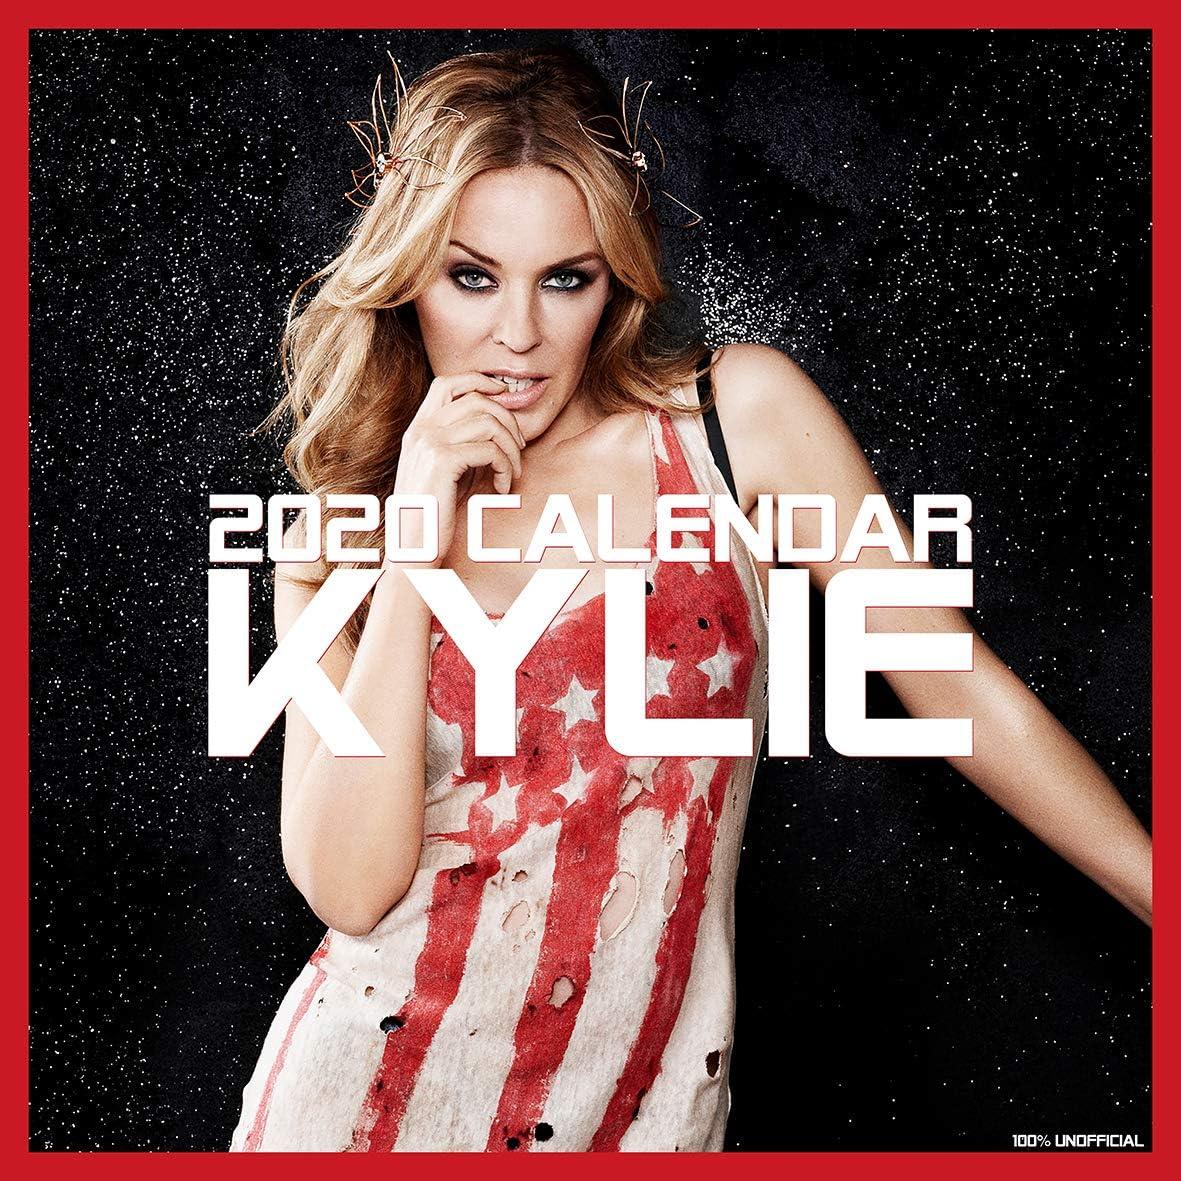 Kylie Minogue 2020 - Calendario de pared de 12 x 12 cm, cuadrado, con póster, el regalo perfecto de Navidad o regalo para amigos o familia